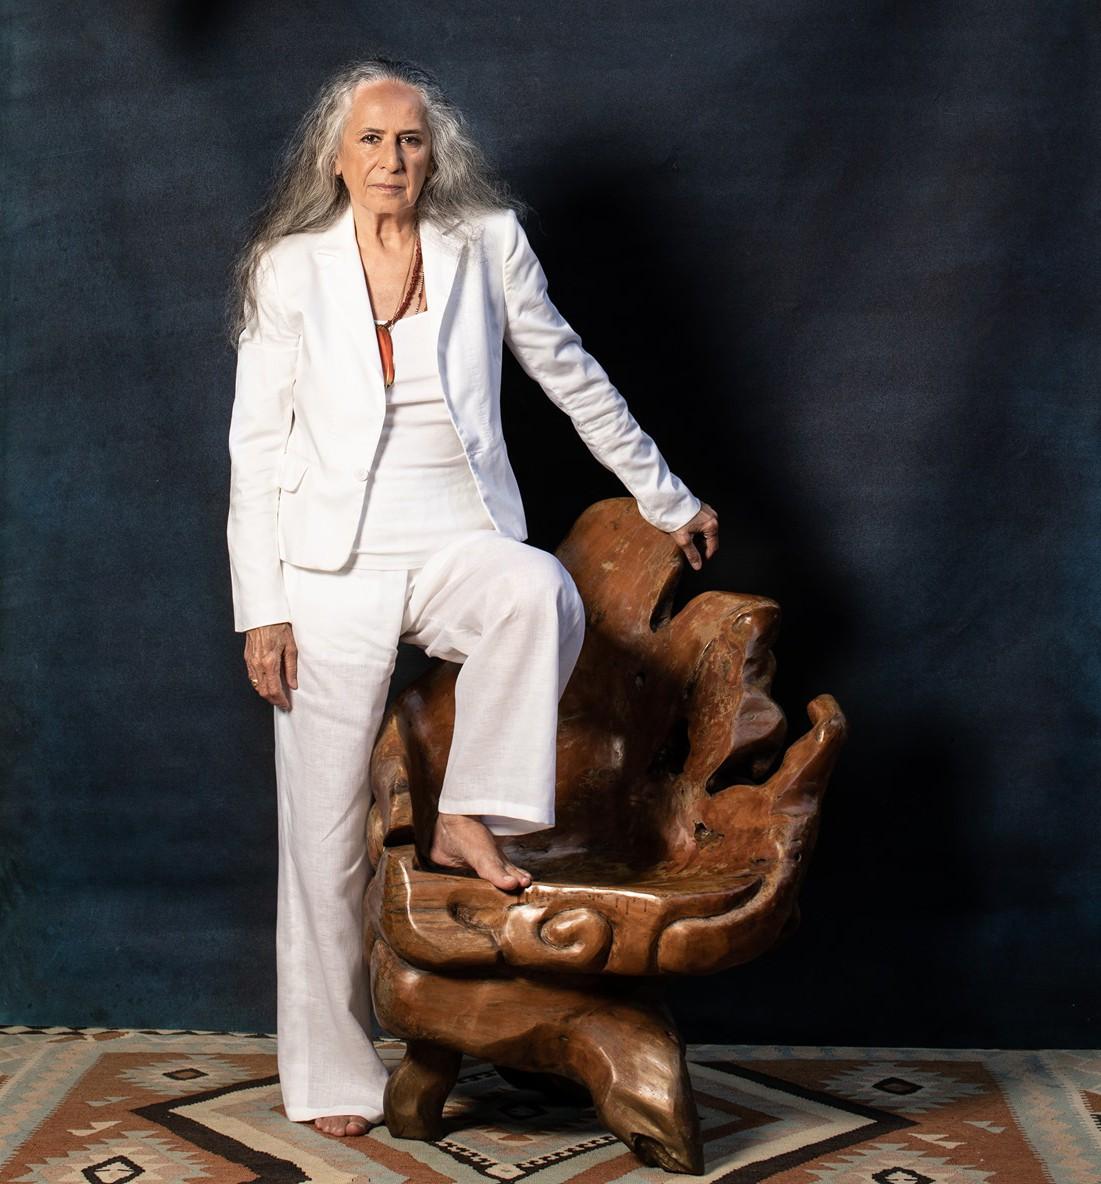 Maria Bethânia faz 75 anos e anuncia 'A flor encarnada', primeiro single do álbum 'Noturno'